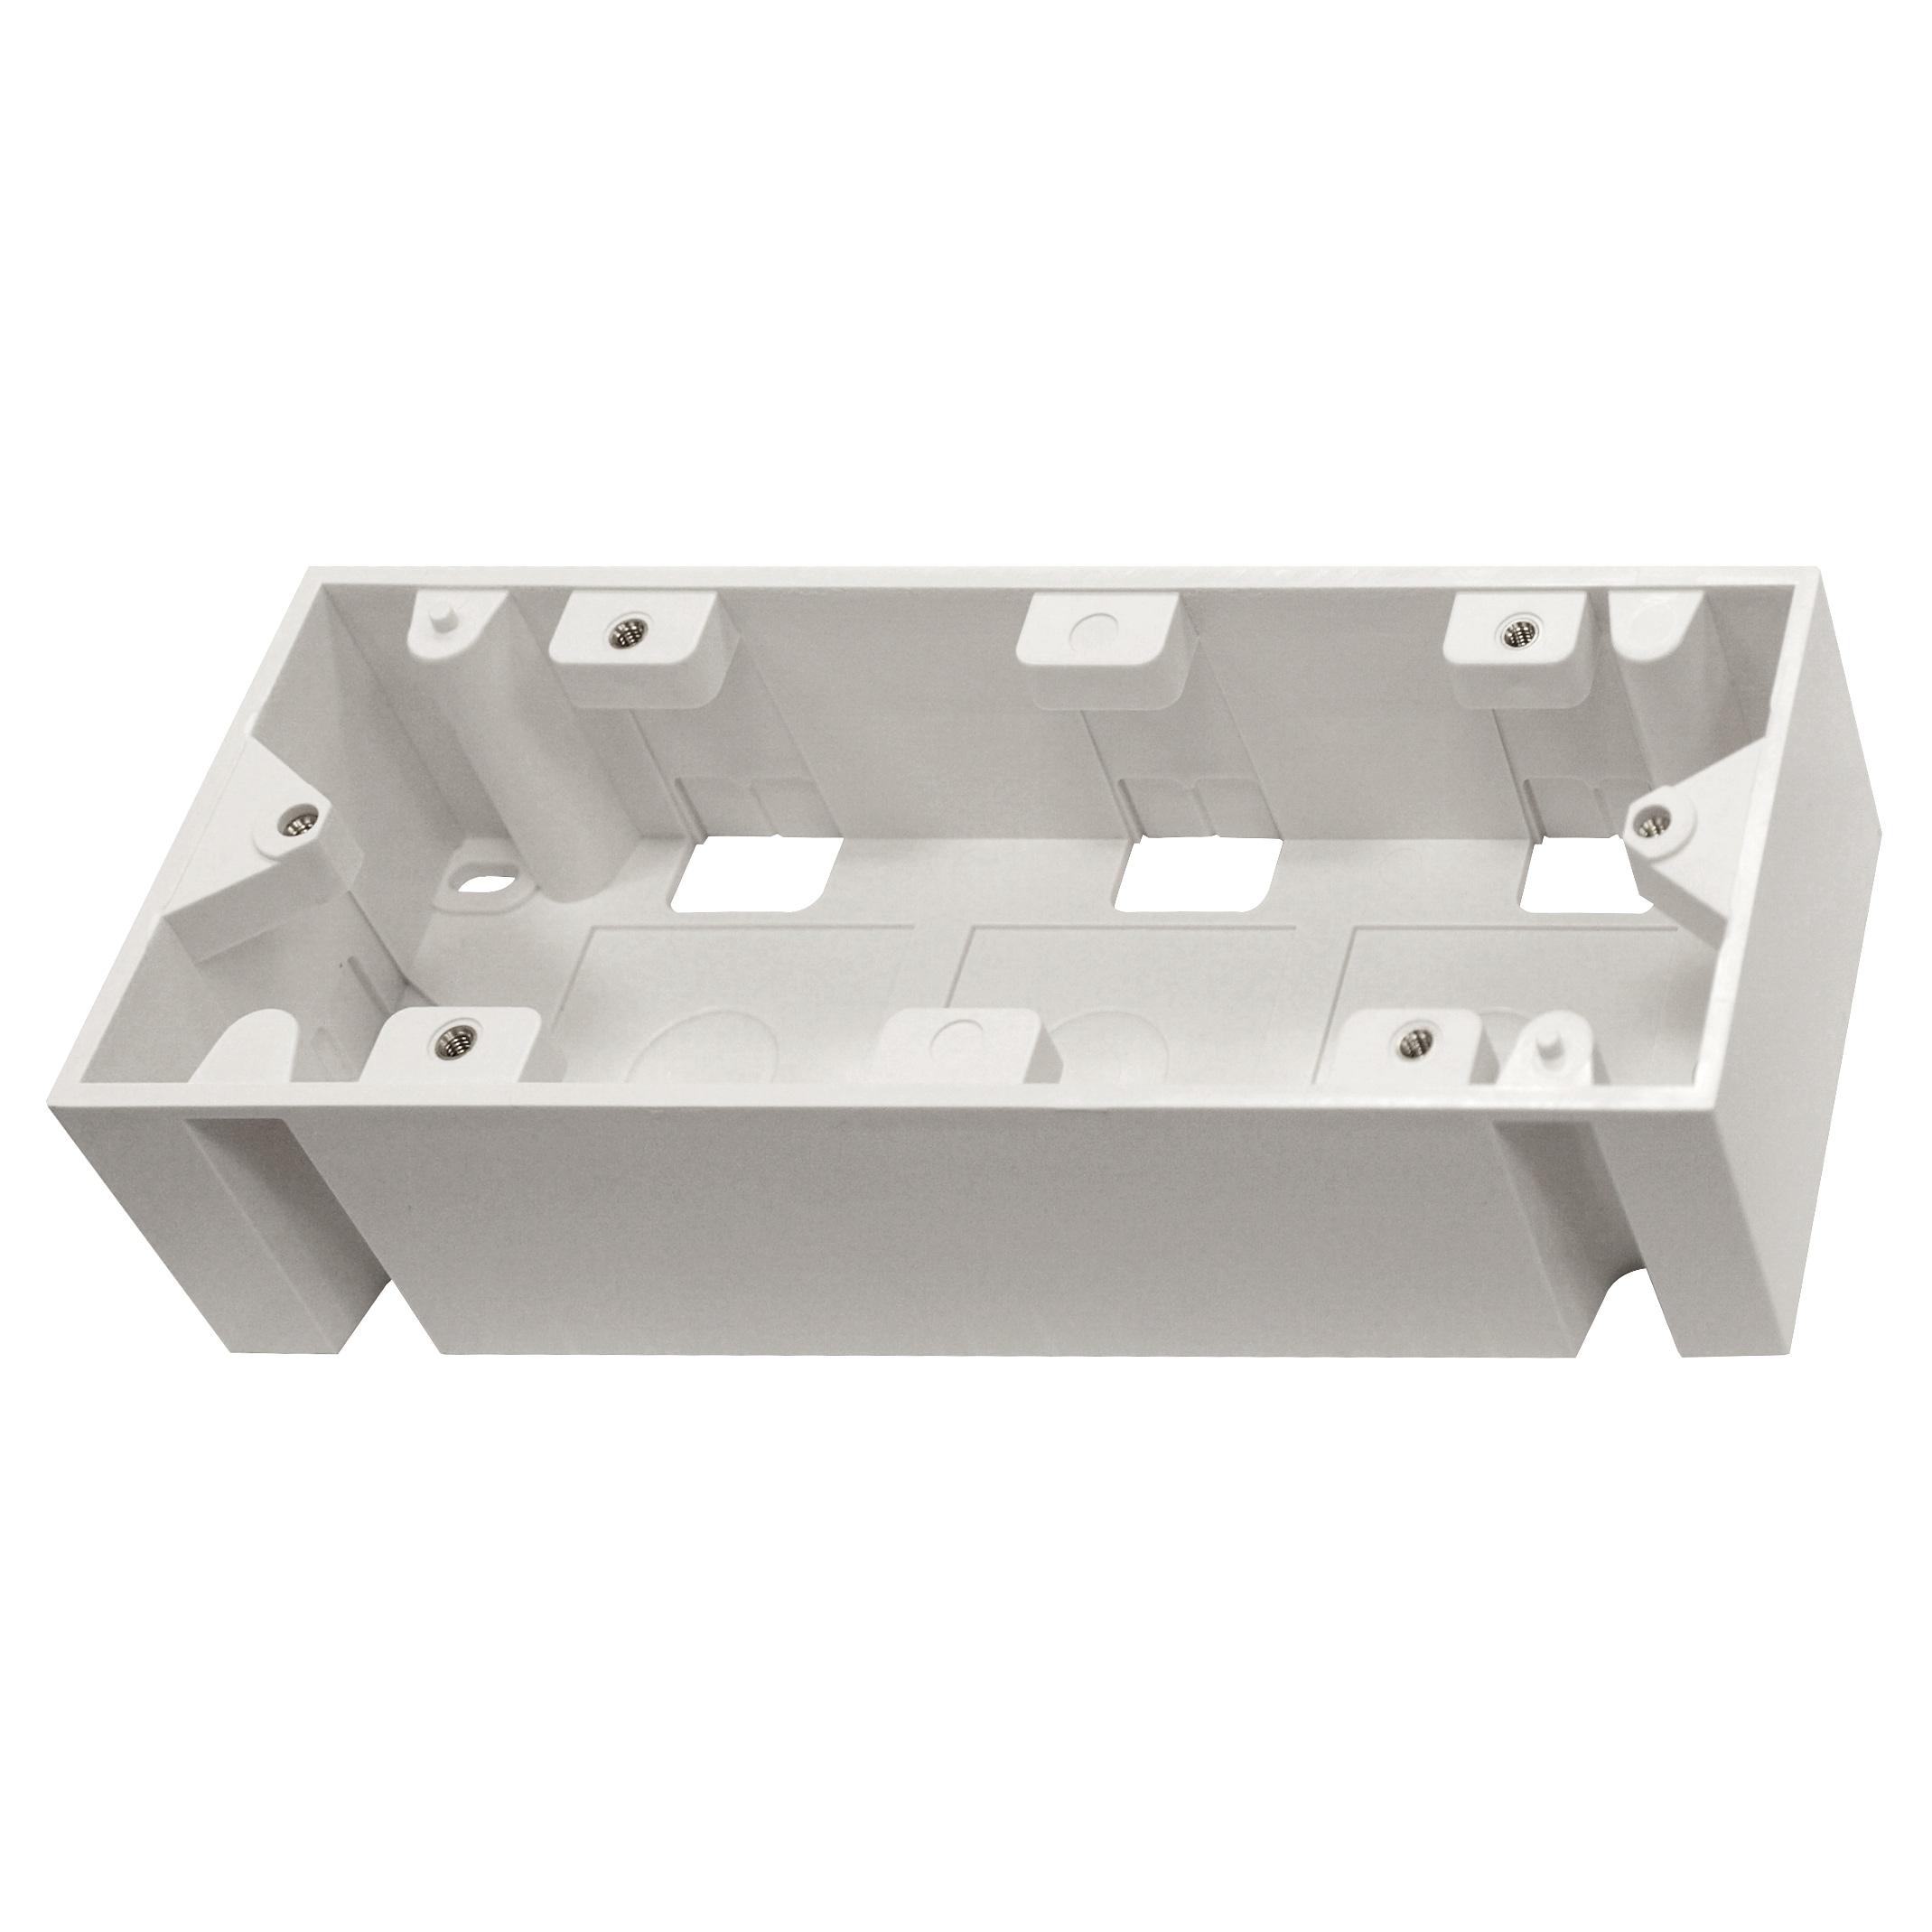 1 Stk Aufputz-Rahmen für HSEMDR6W0F, B205xH45xT80, RAL9010 HSEMAP6W3F